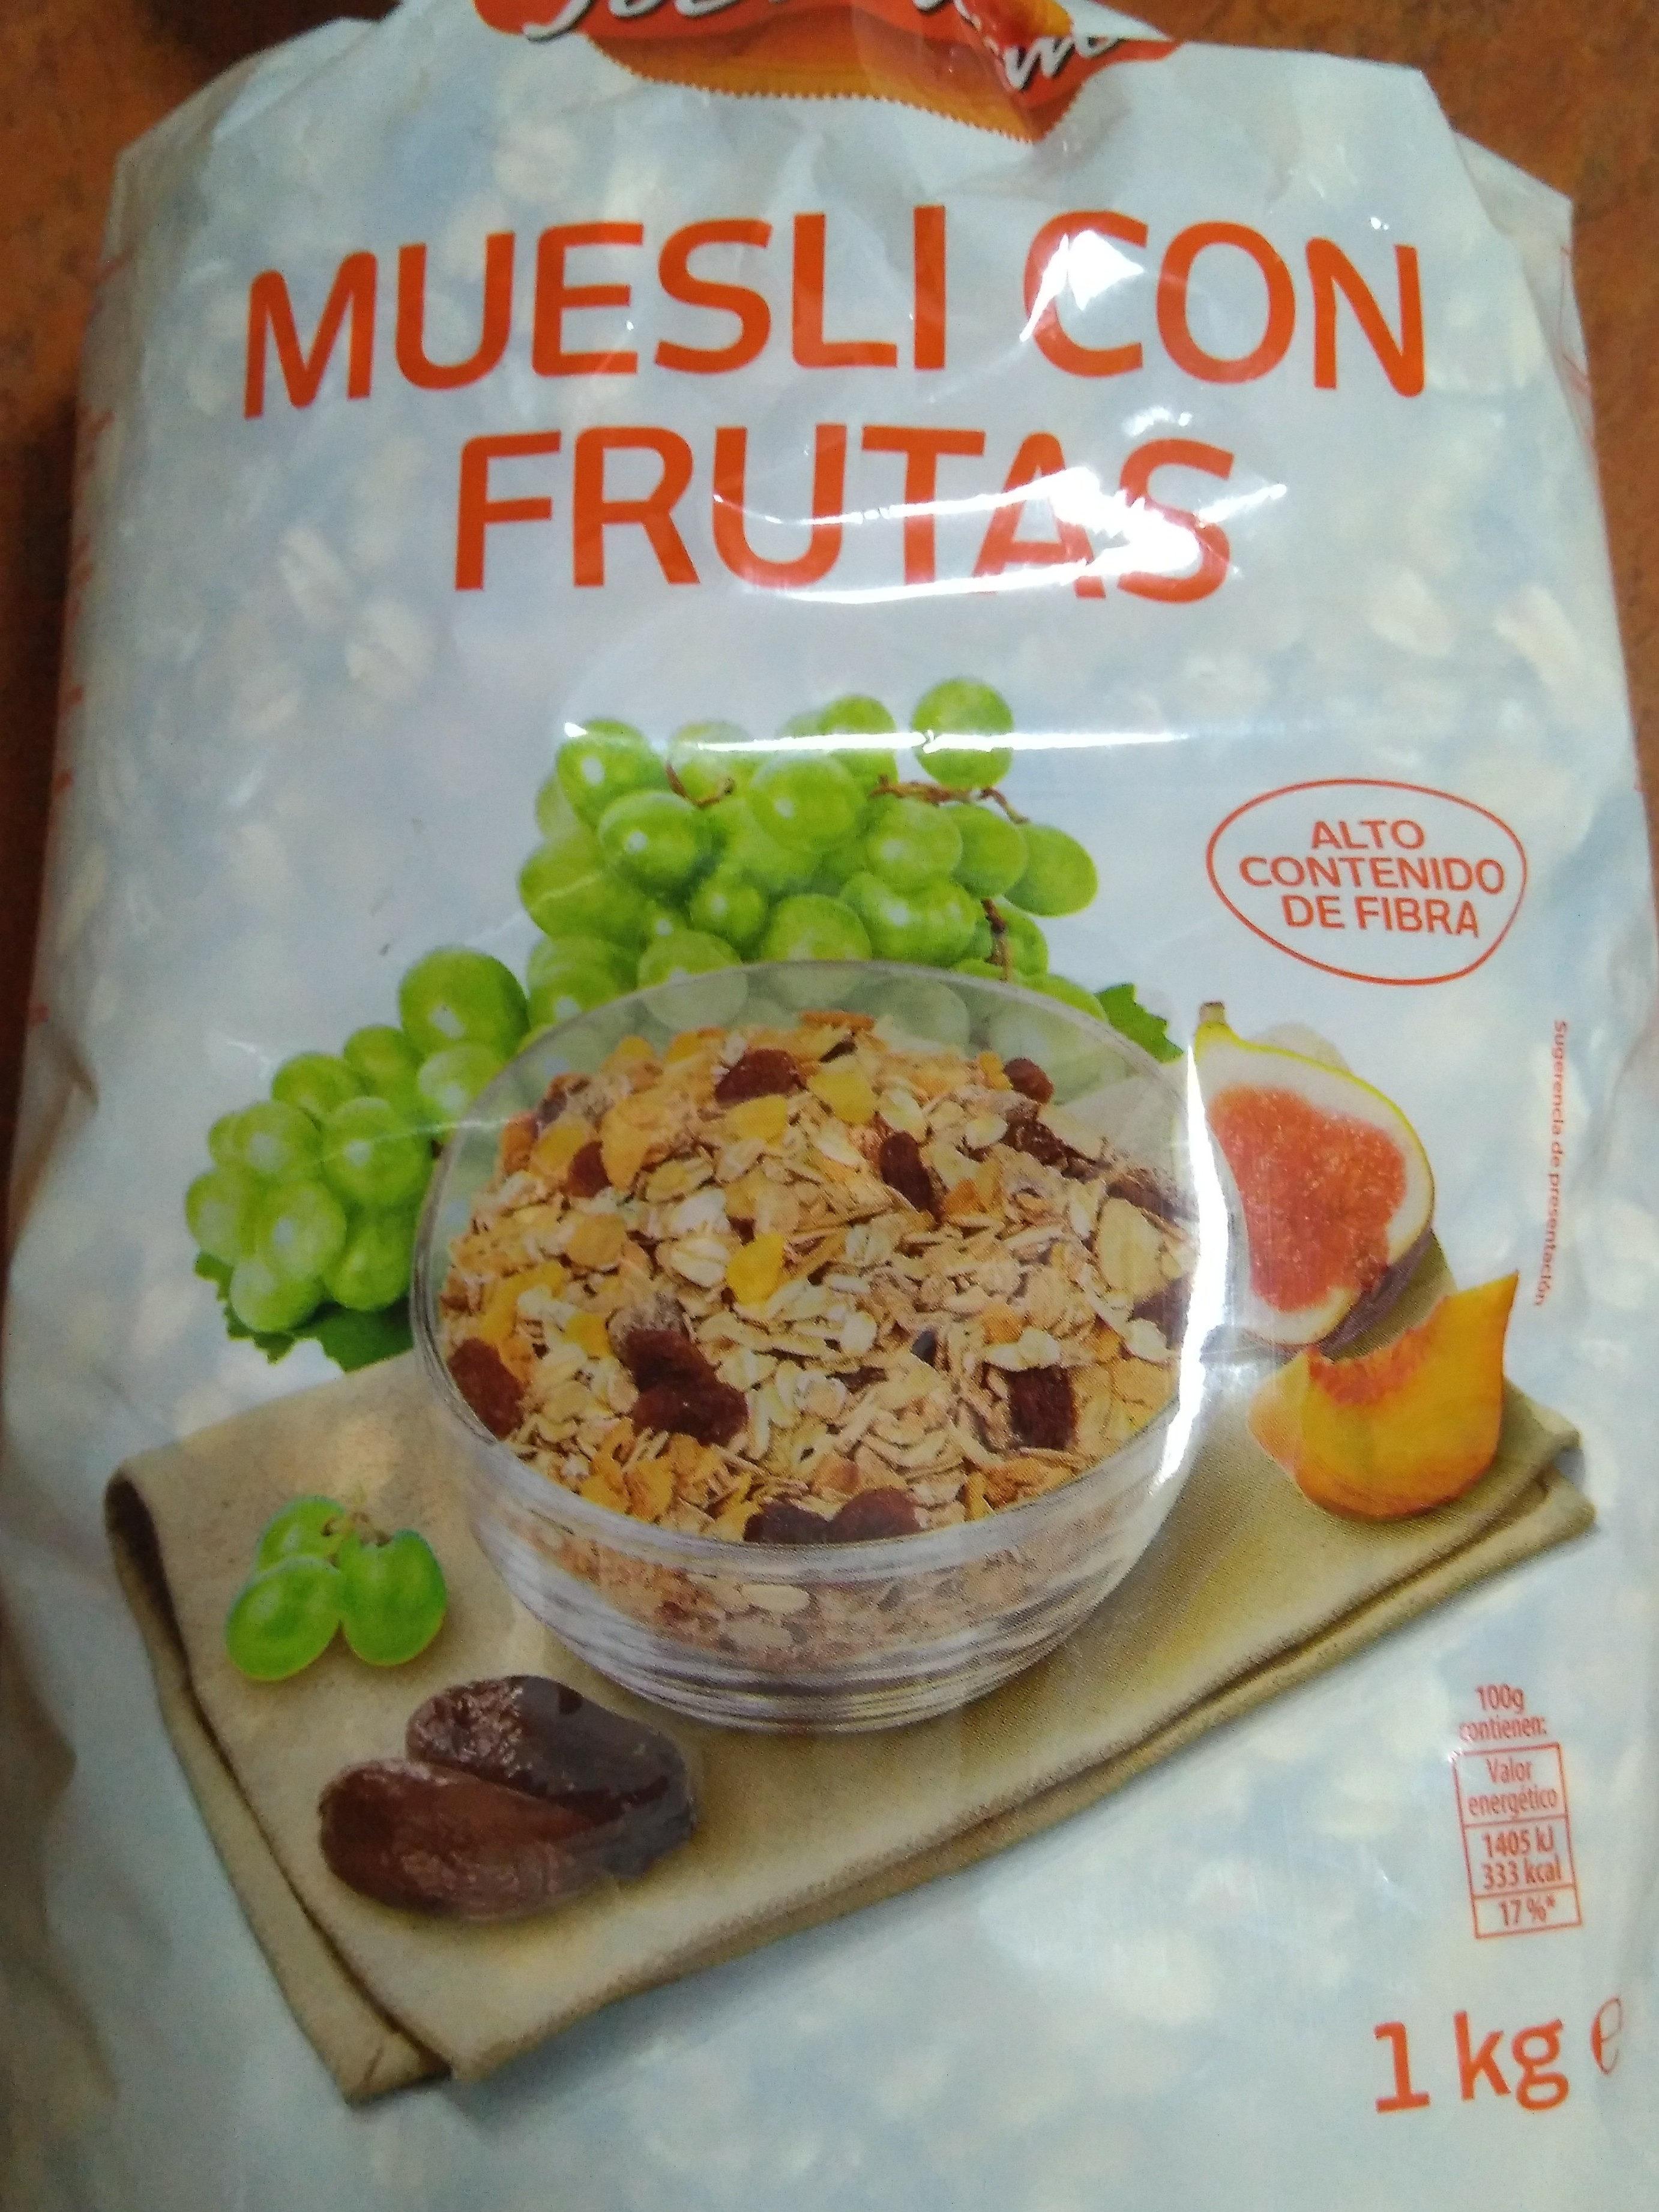 Muesli con frutas - Producte - es